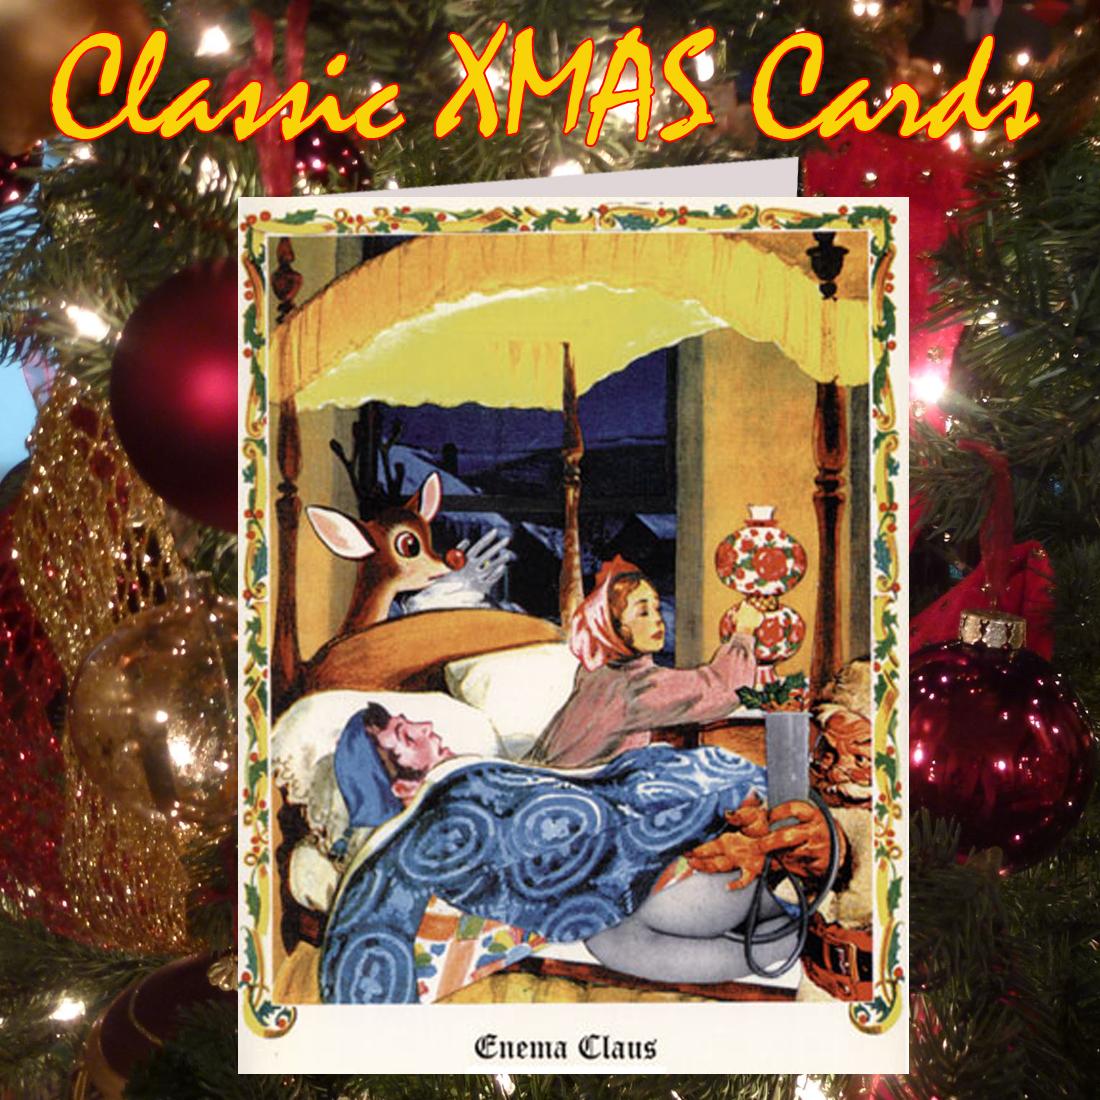 Enema Claus